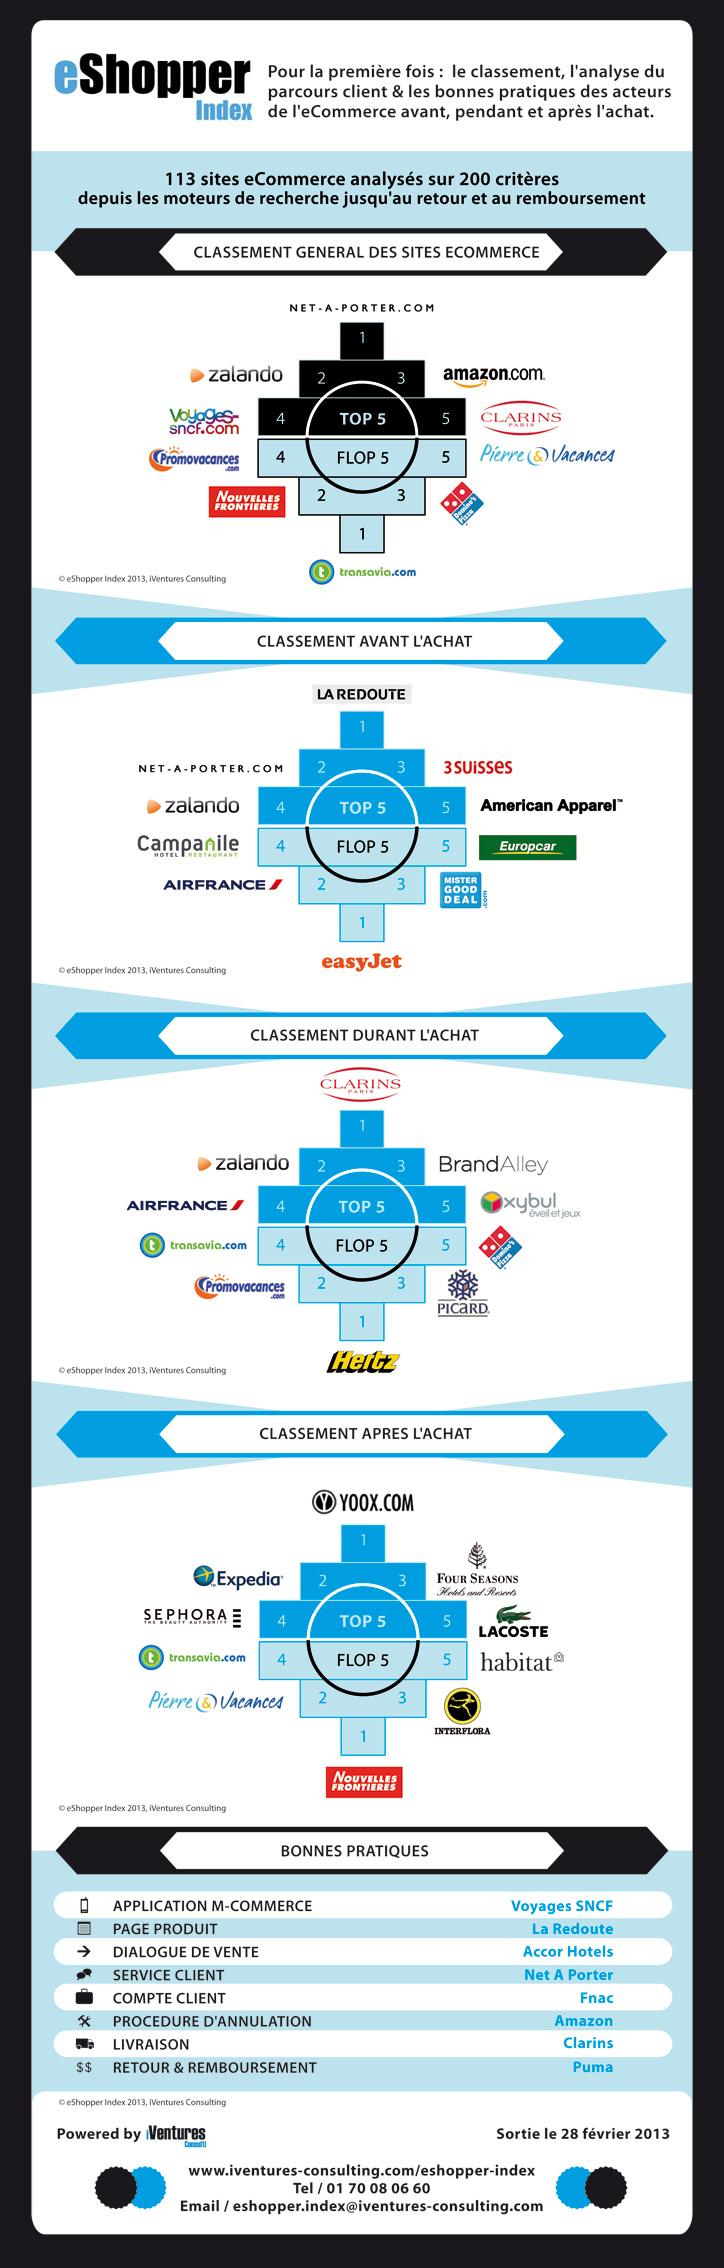 classement des sites ecommerce durant le parcours d'achat